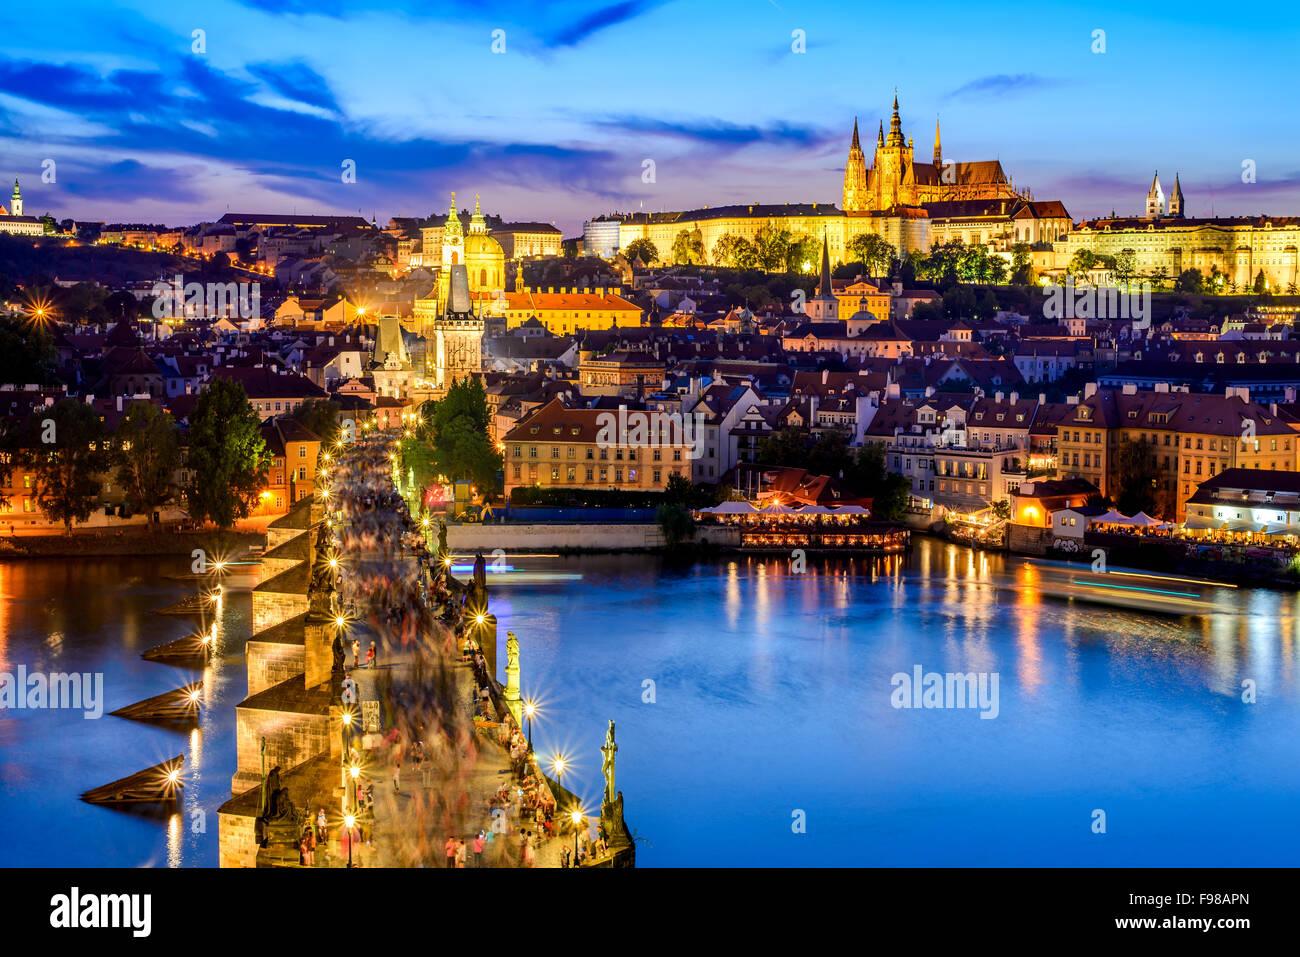 Praga, República Checa. Charles Bridge y Hradcany (Castillo de Praga) con la Catedral de San Vito y San Jorge Imagen De Stock